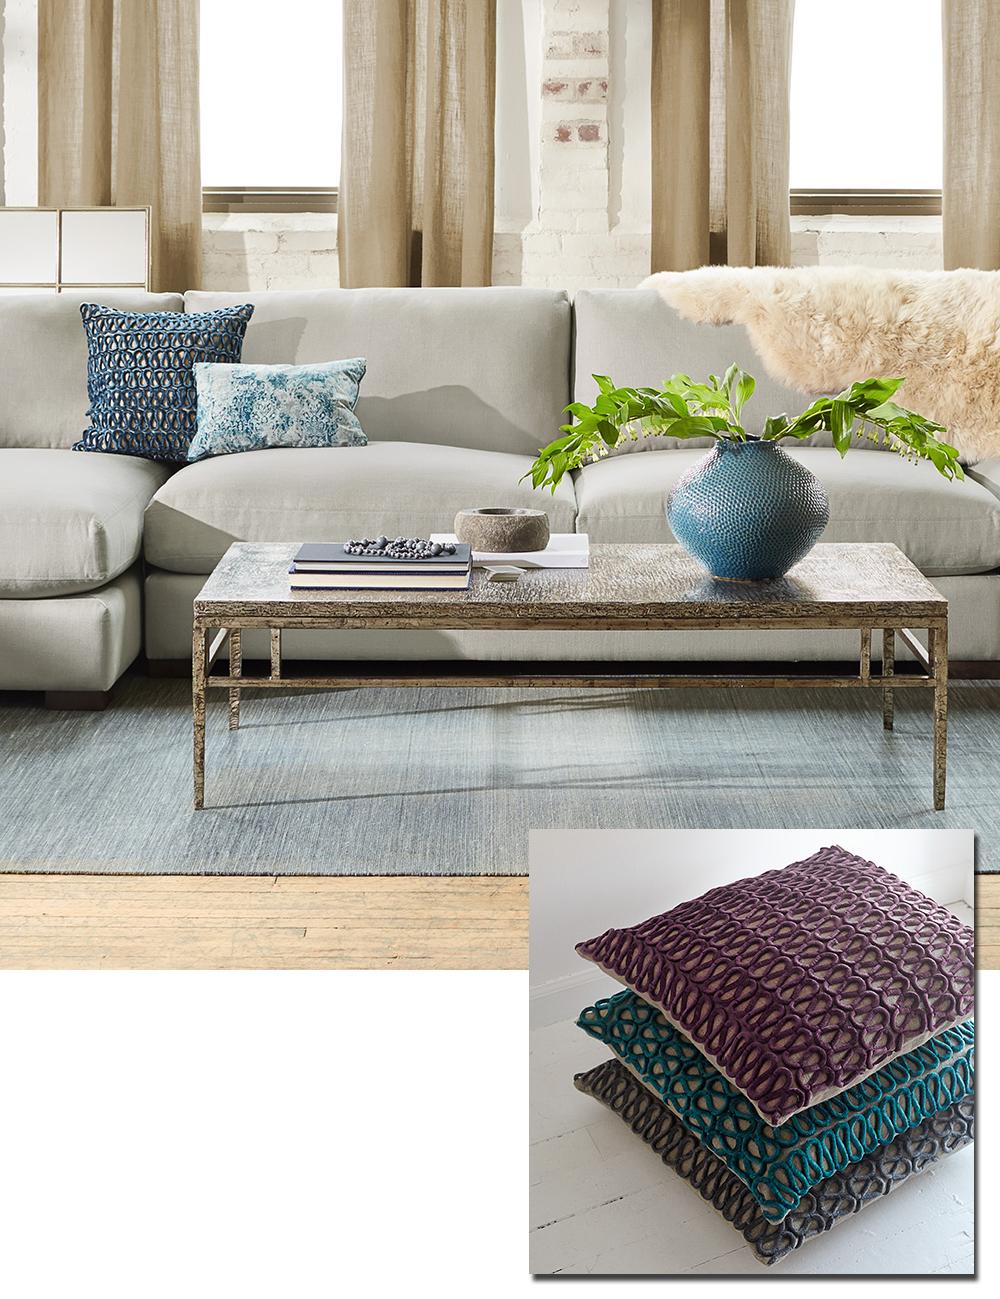 Velvet Furniture and pillows